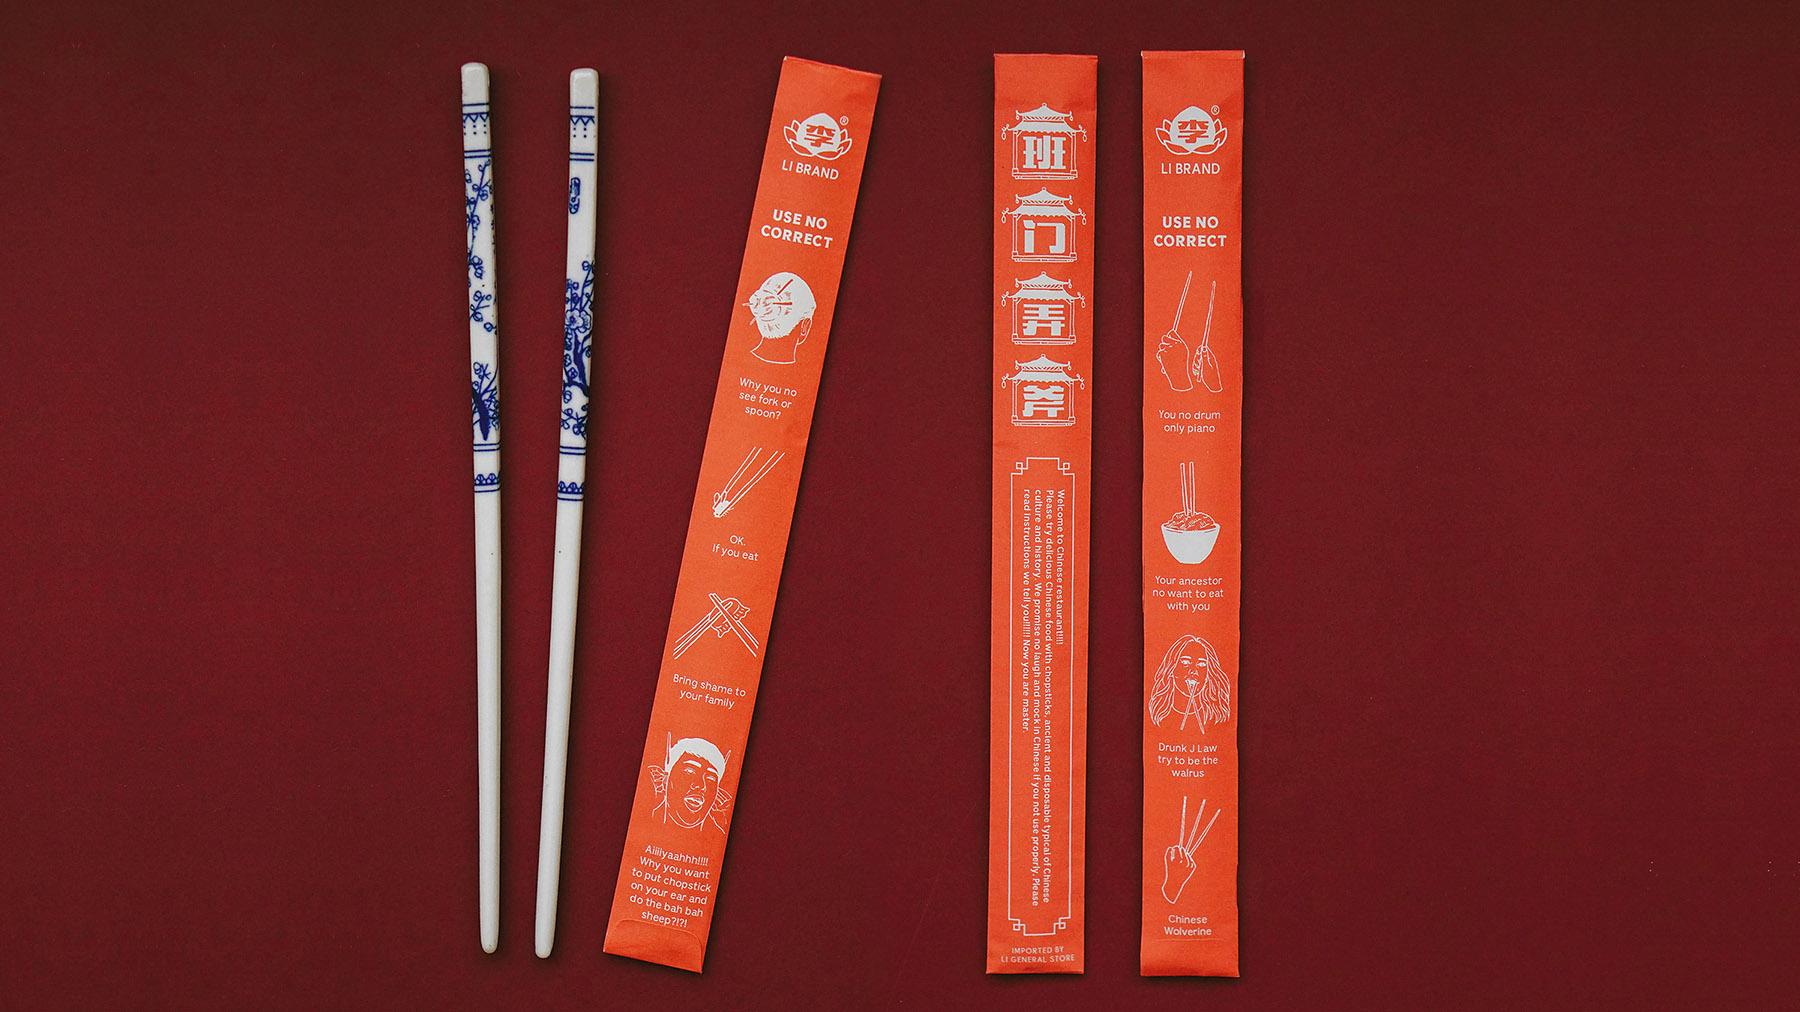 GeneralStore_Chopsticks.jpg